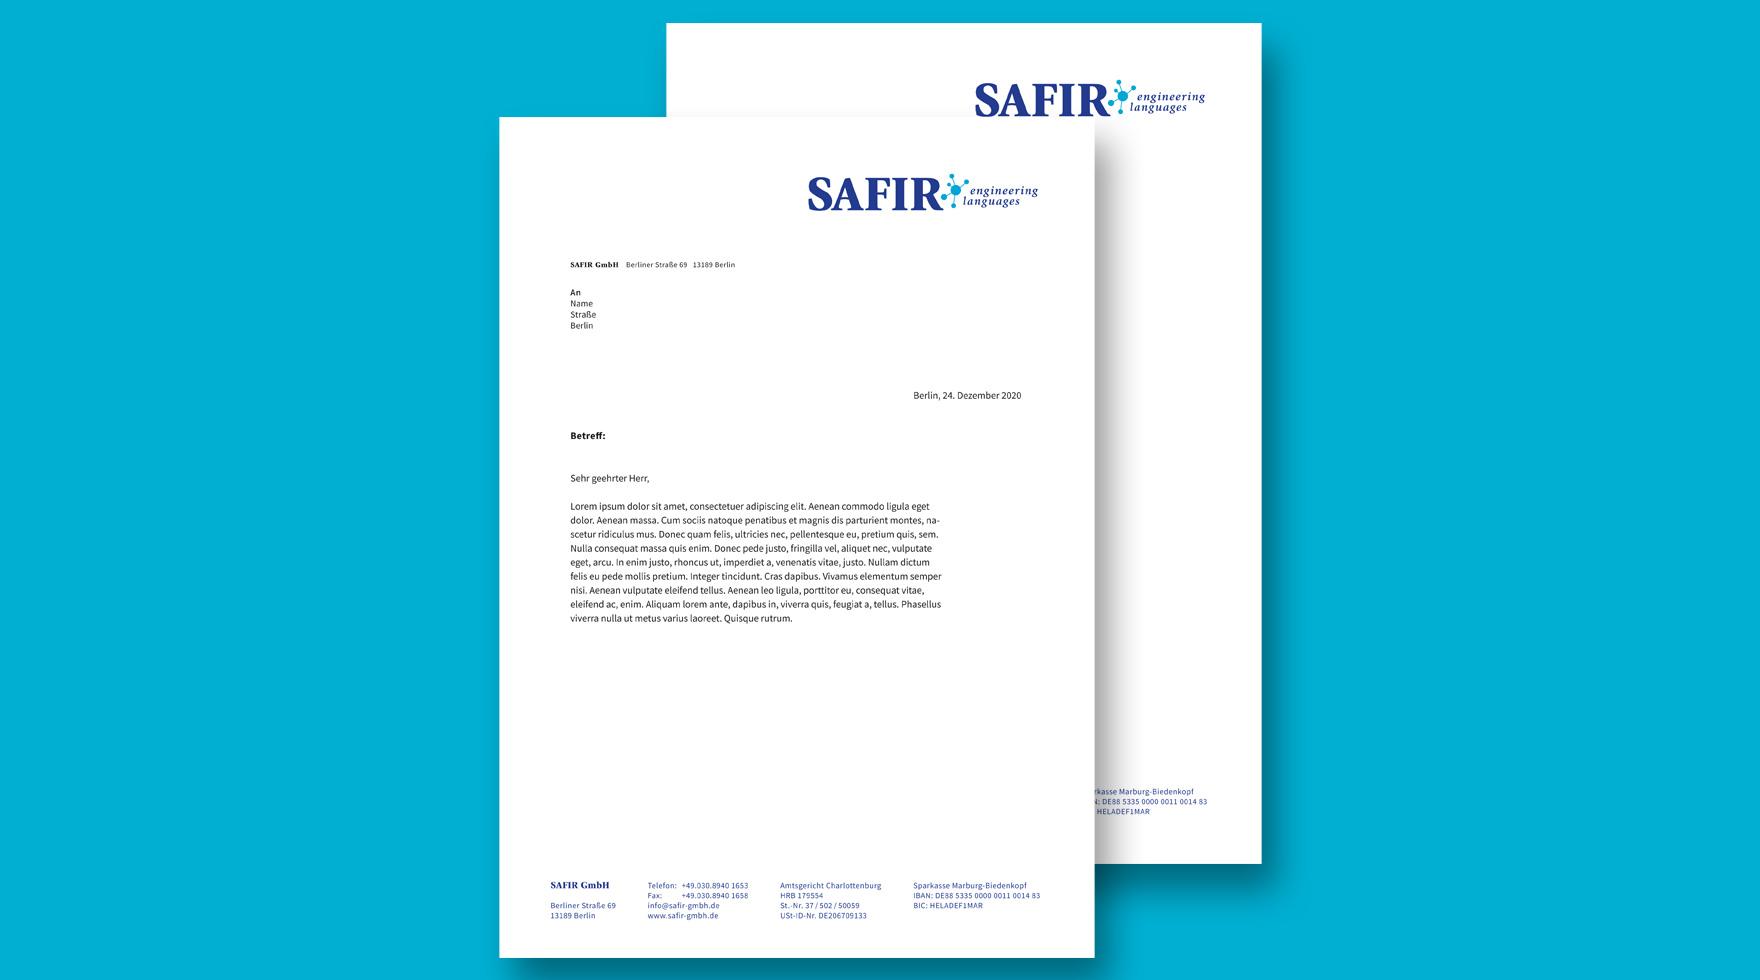 business-letter-designer-safir-gmbh-berlin